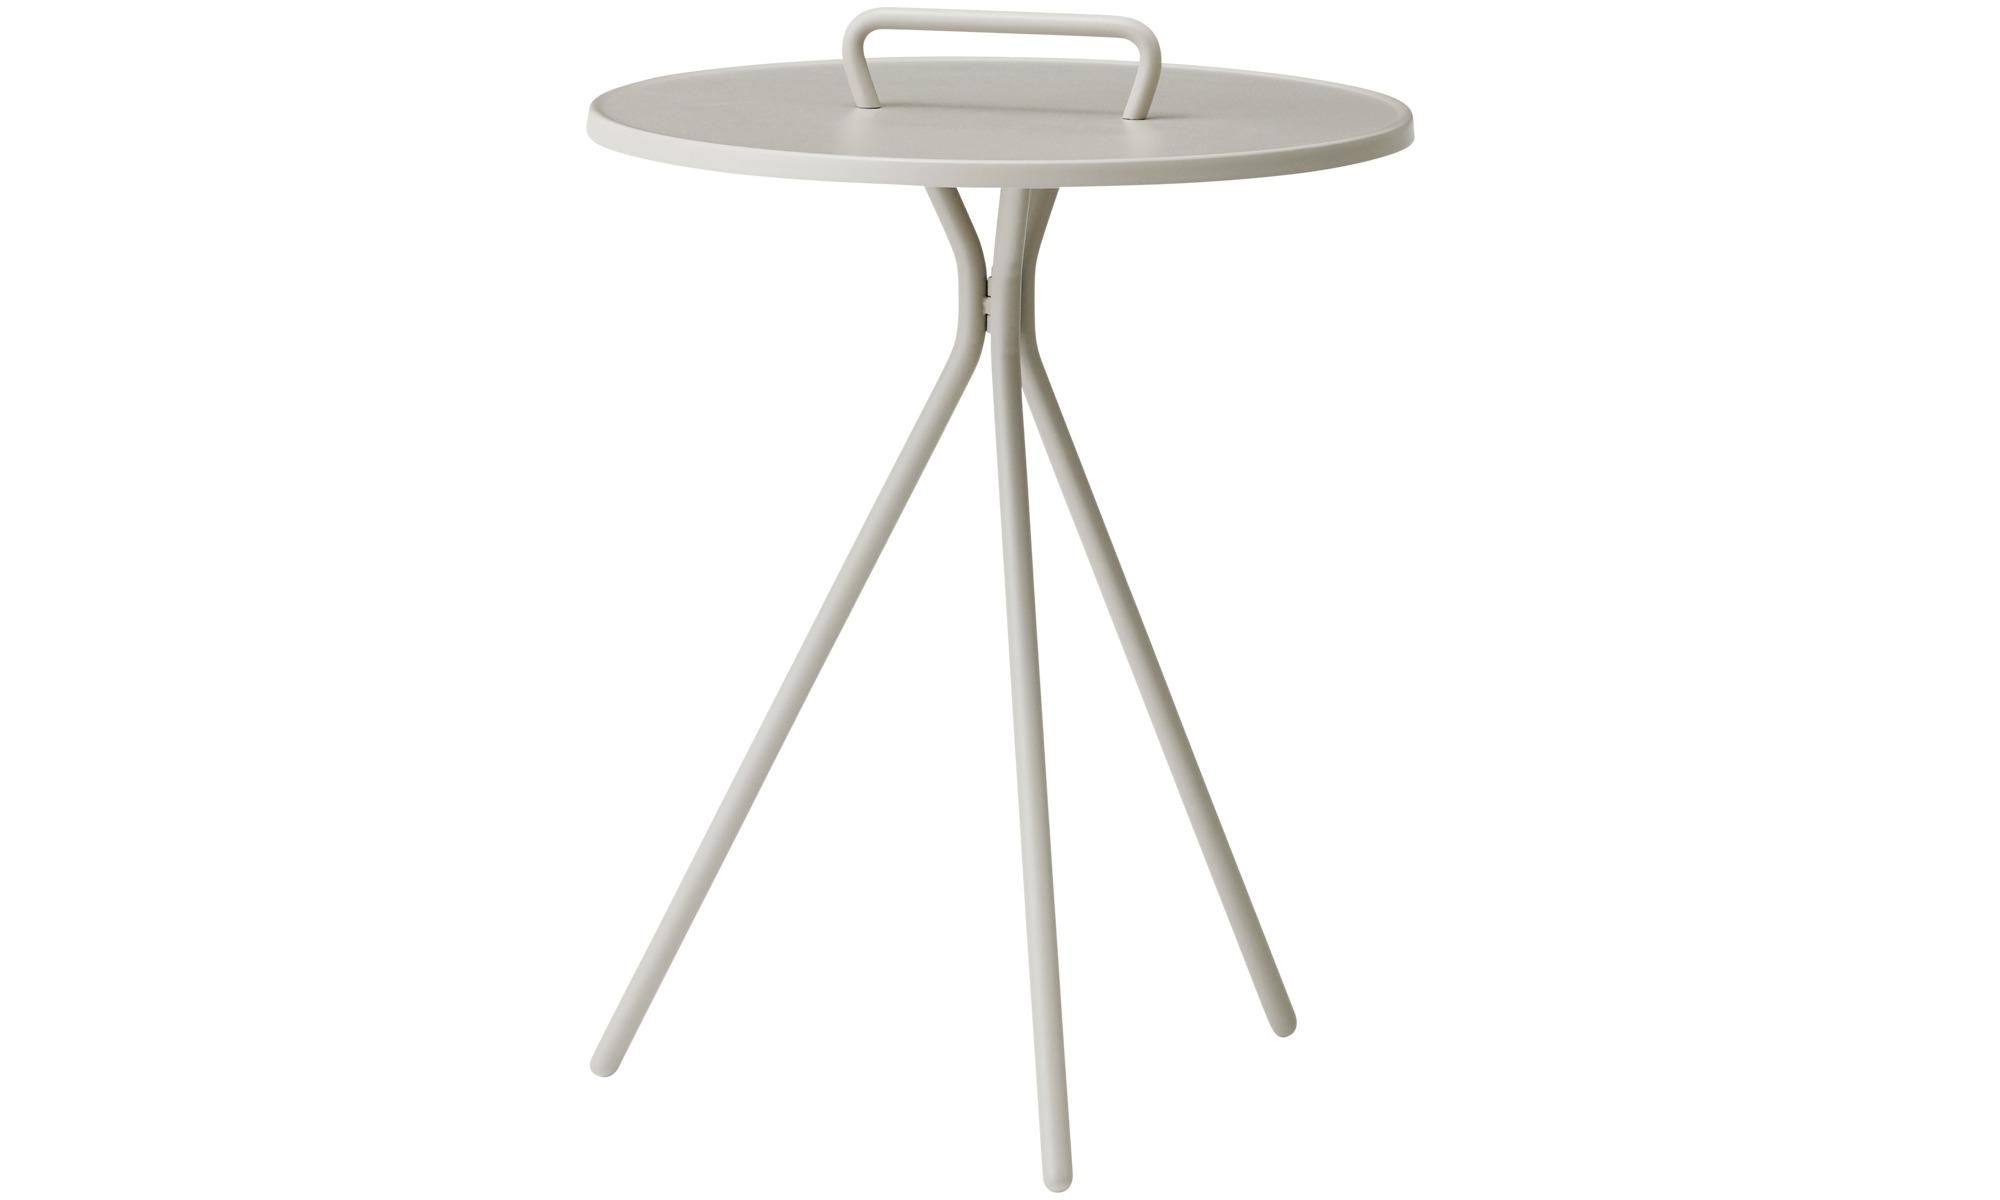 Petits meubles - Table d'appoint Jersey (convient à un usage intérieur et extérieur) - rotonde - Gris - Laqué